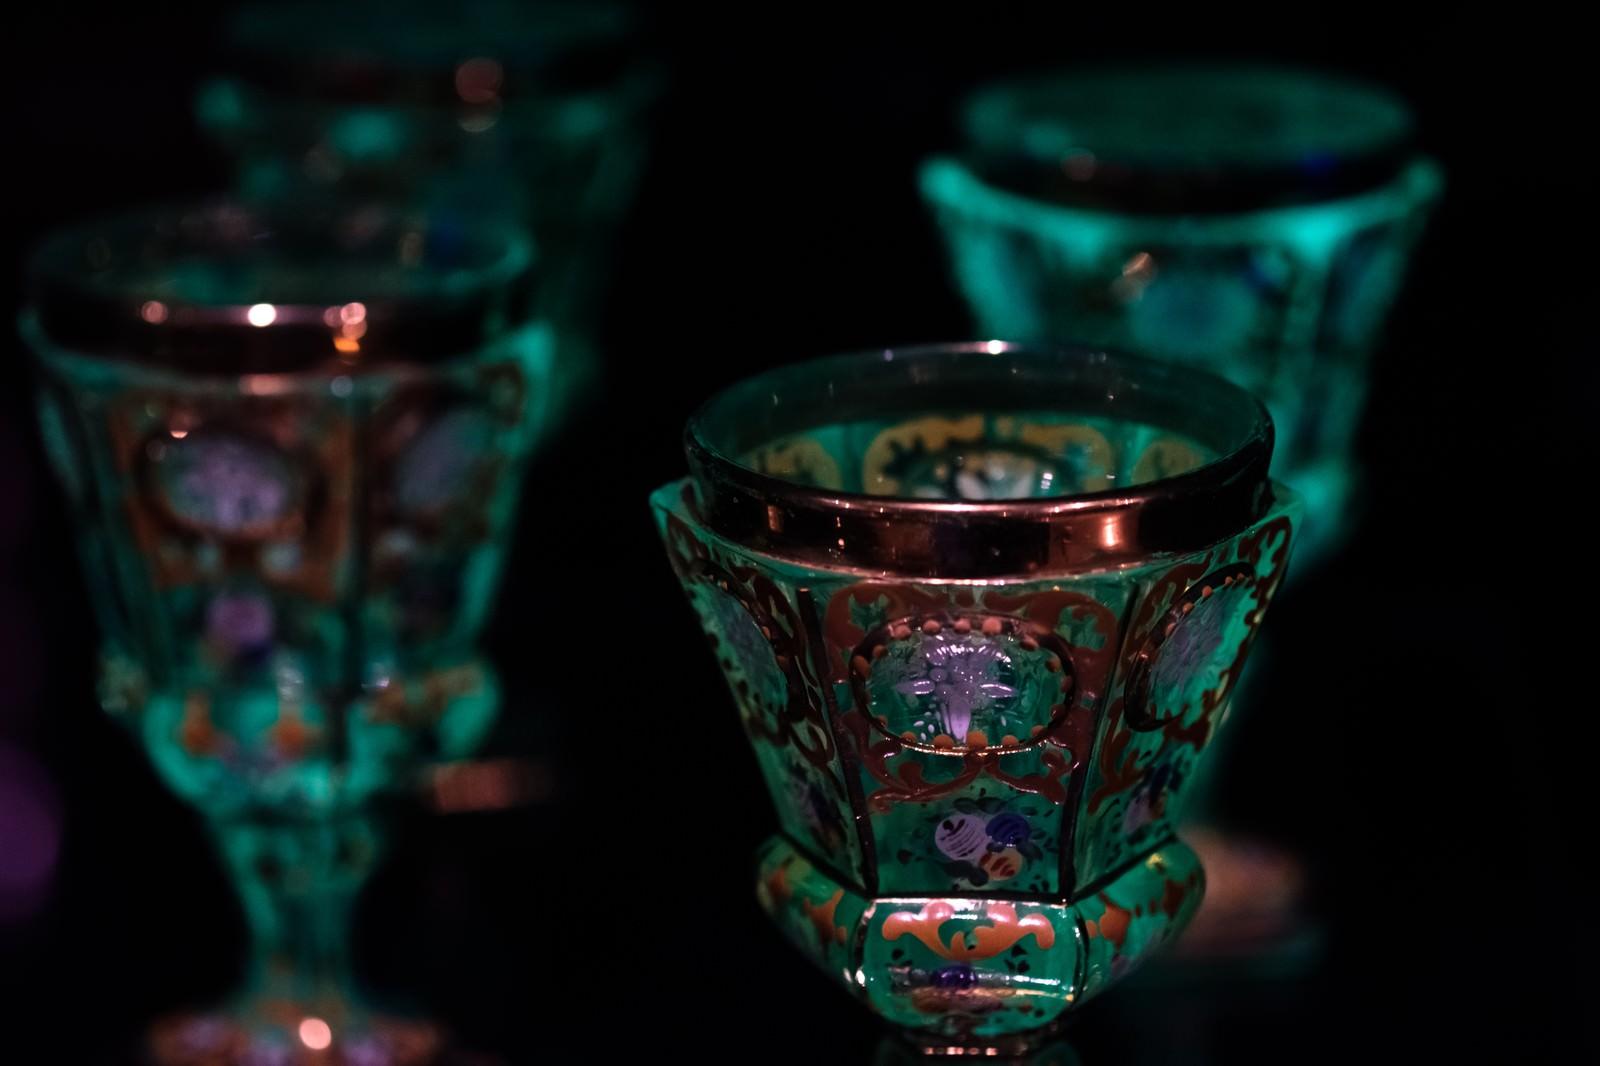 「ロシア皇帝が使っていたとされる、ウランガラスのゴブレット」の写真